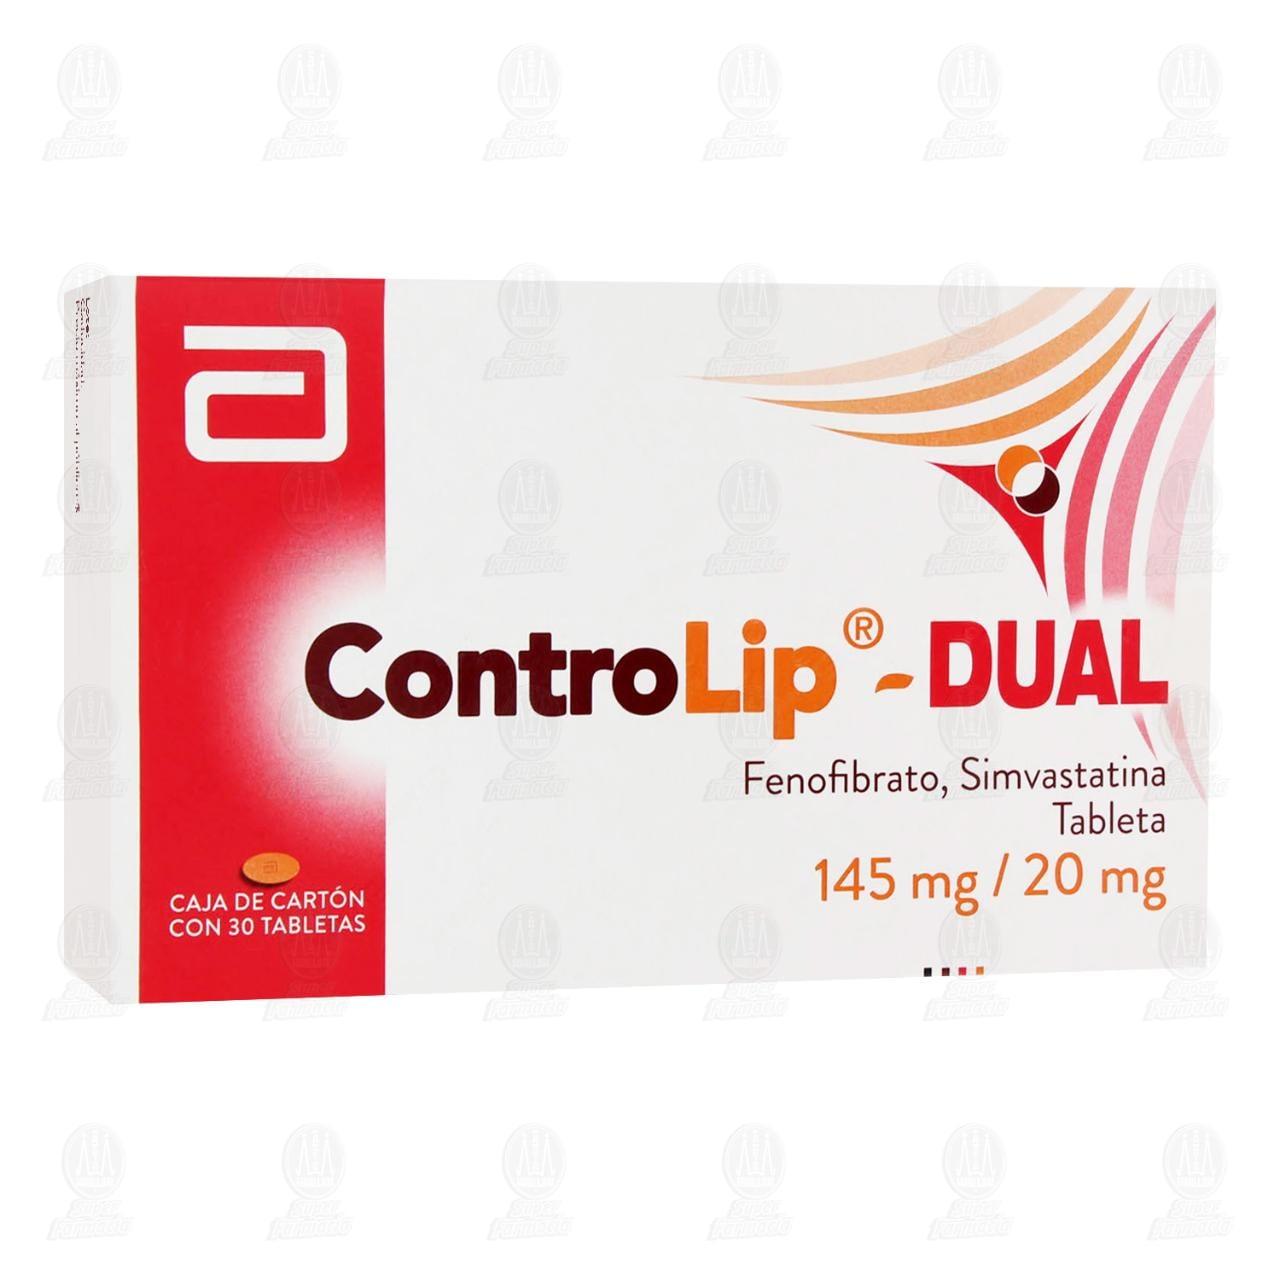 Comprar Cotrolip- Dual 145mg /20mg 30 Tabletas en Farmacias Guadalajara